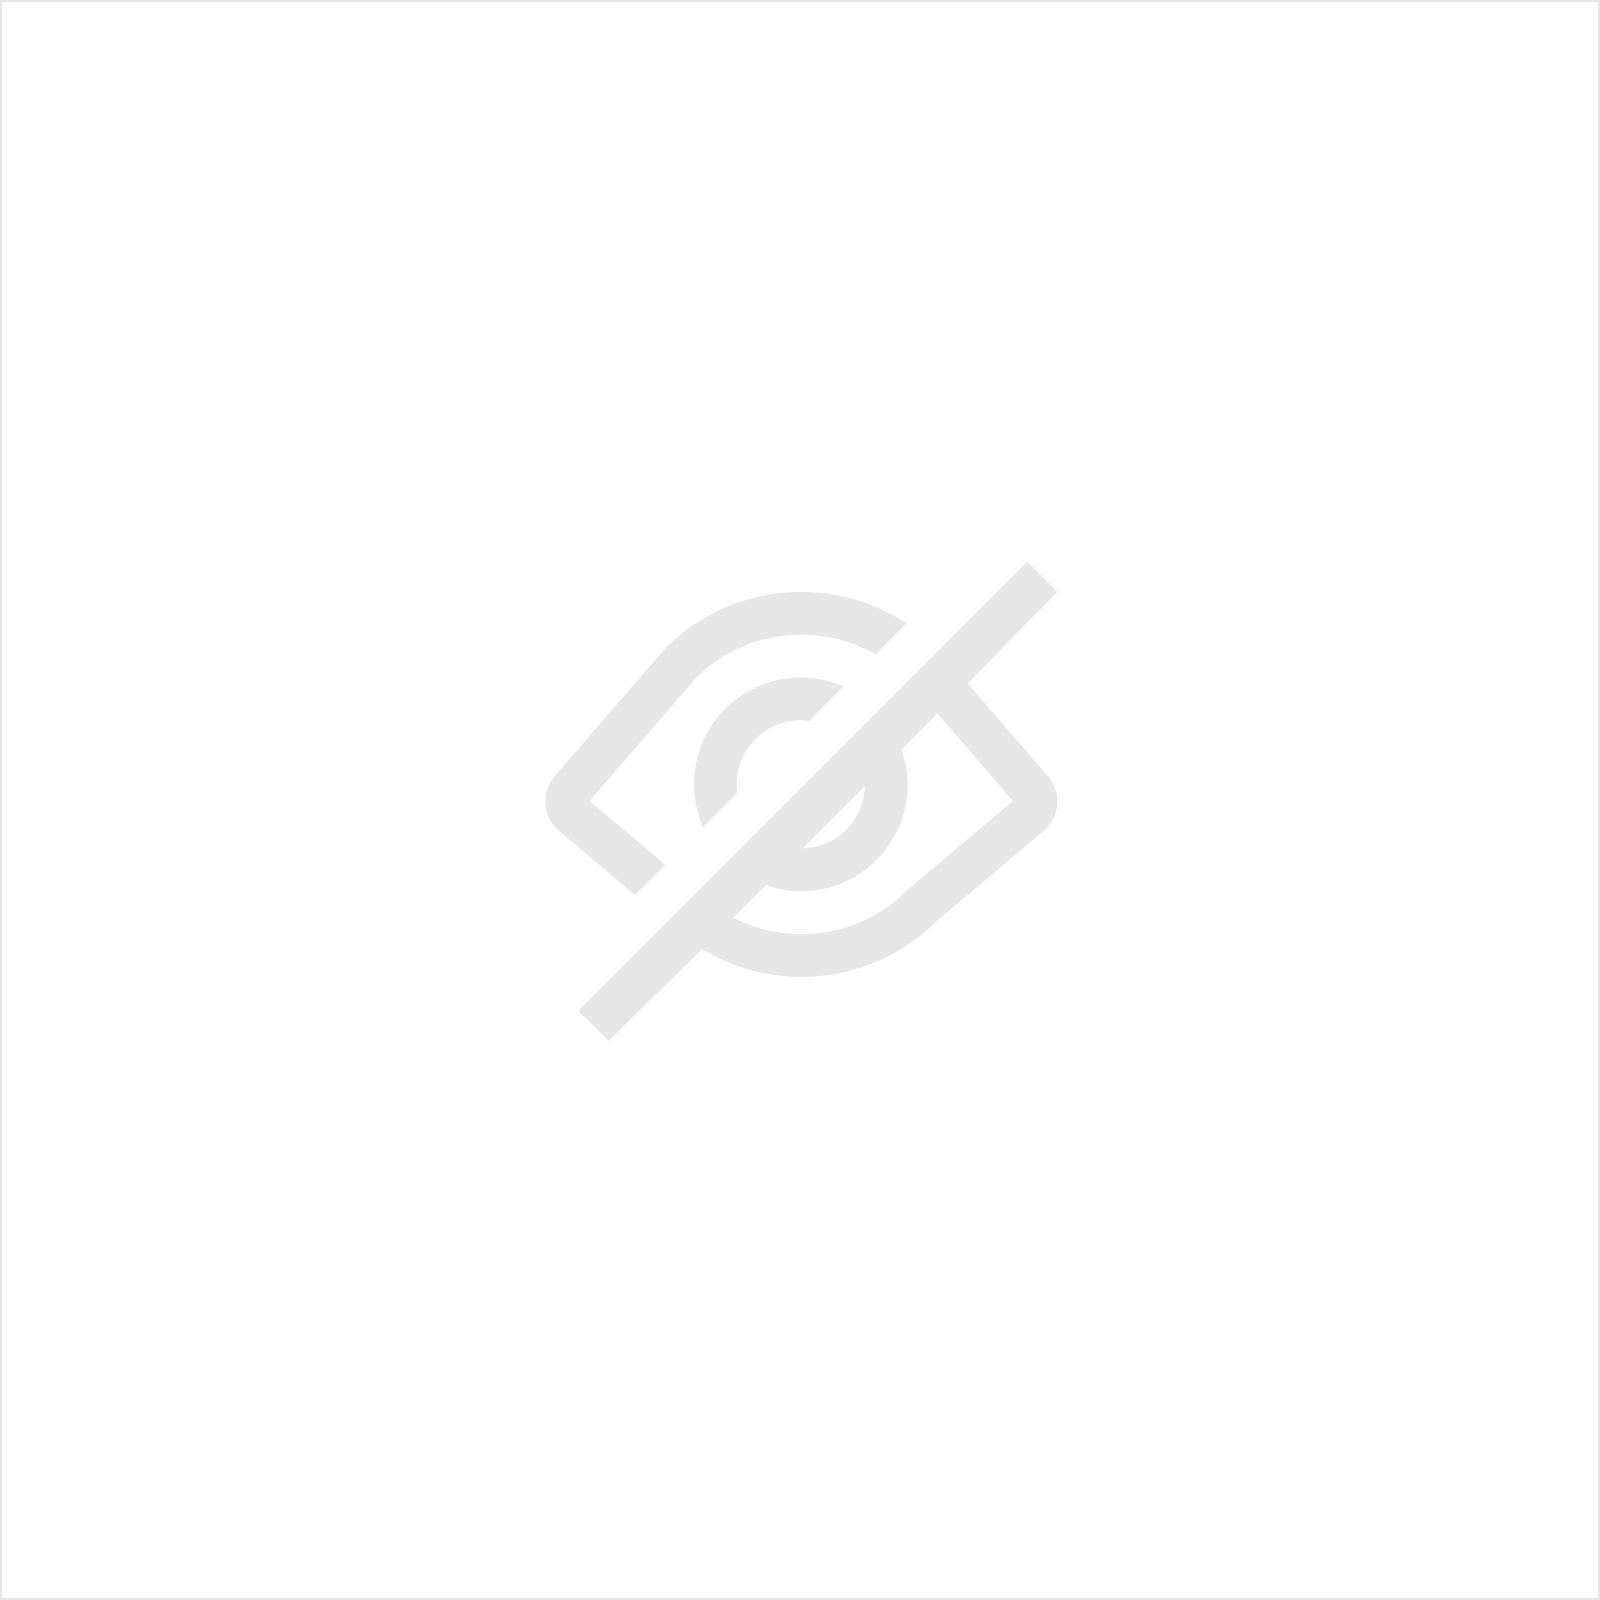 JEU DE MOLETTES OPTIONNELLES - STANDARD TANK ROLL - POUR BORDEUSE MOULUREUSE